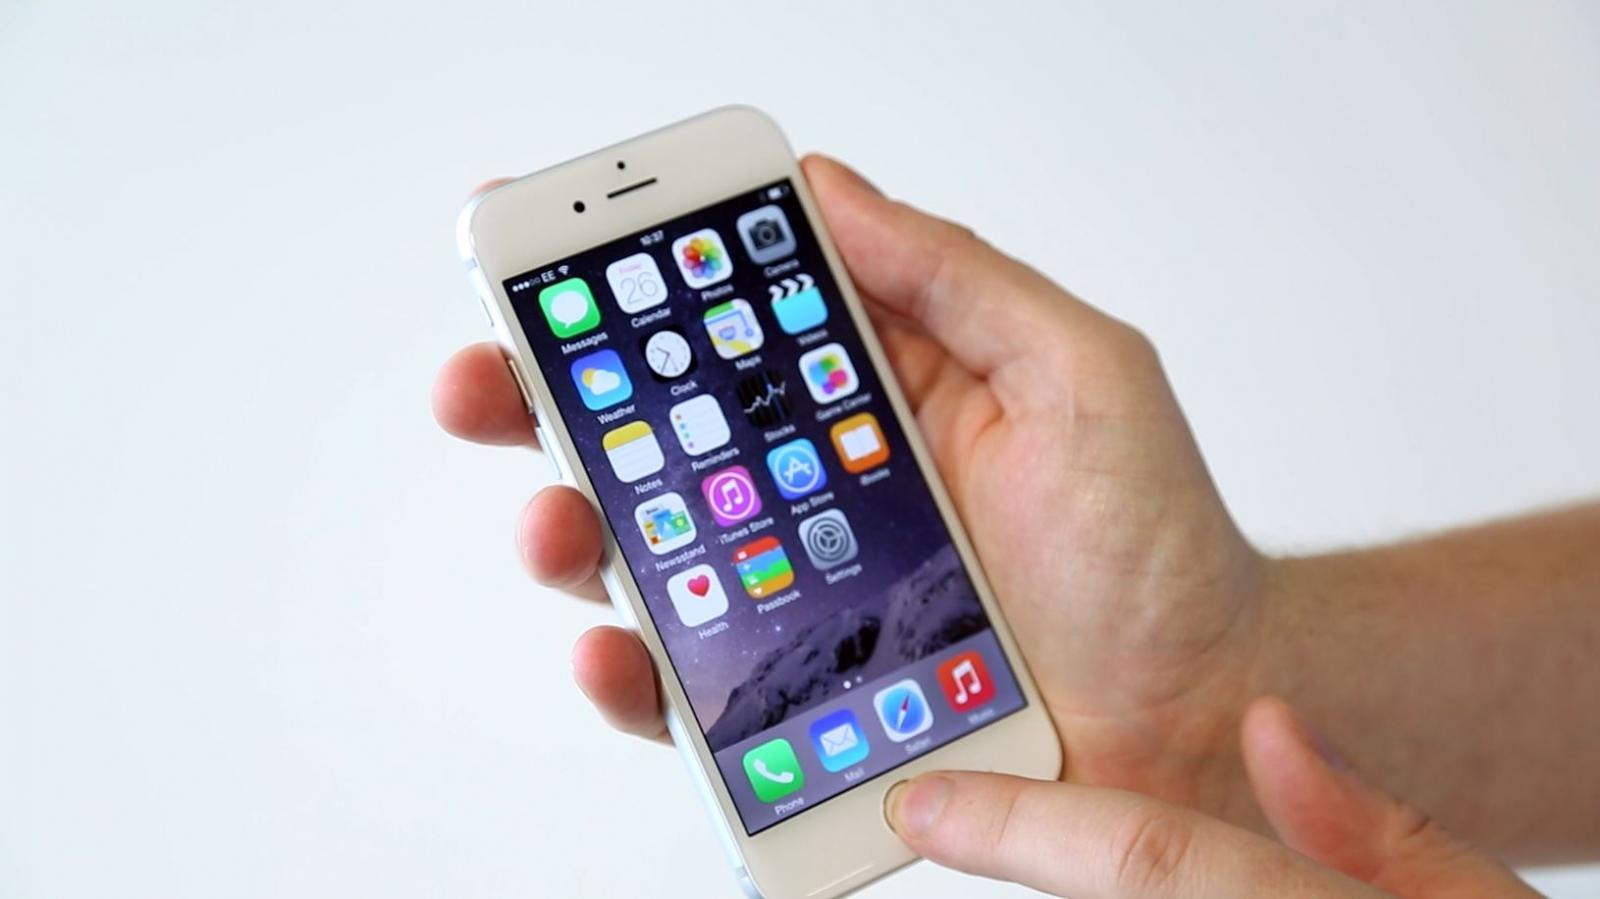 Những tính năng cực độc trên iPhone mà không phải ai cũng biết